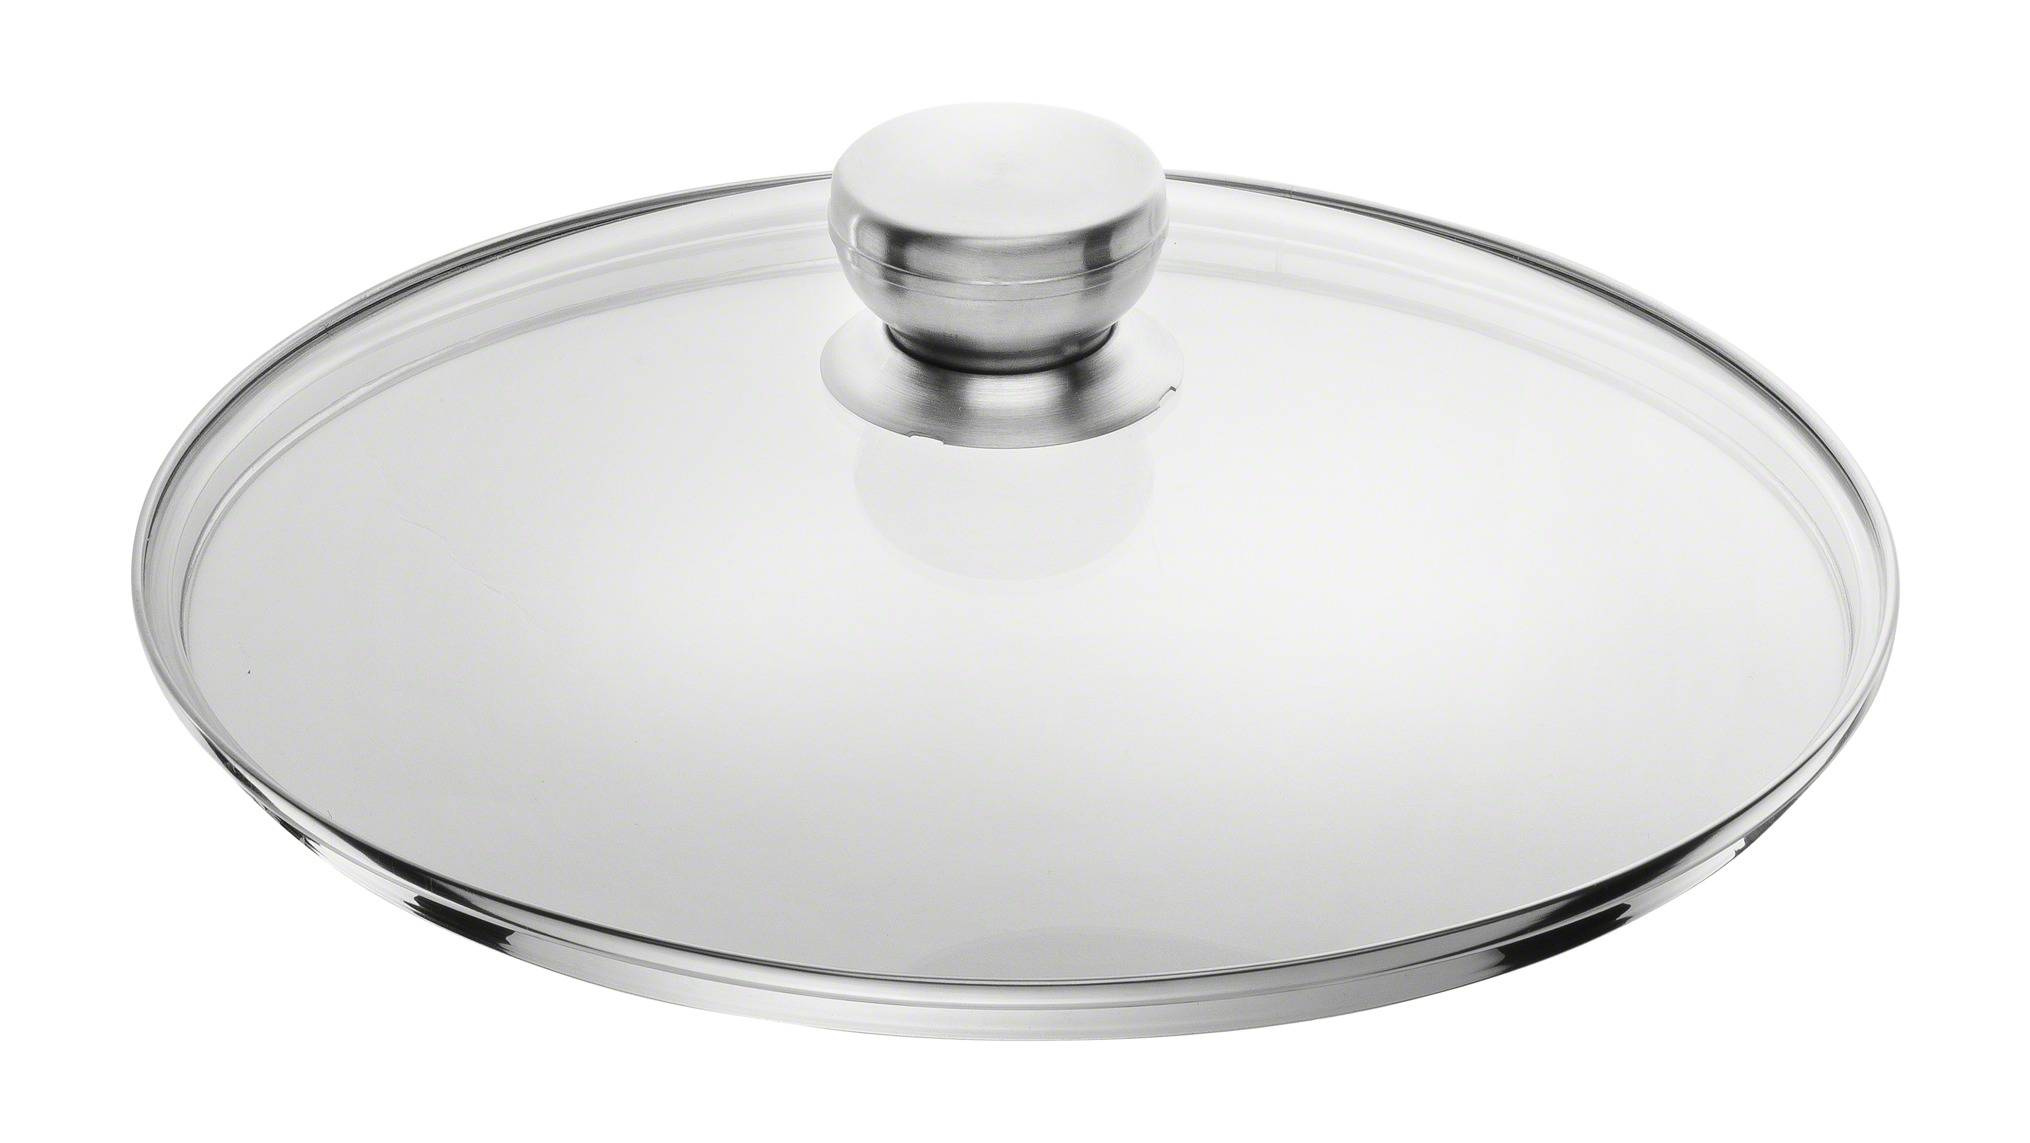 Ballarini Glaslåg 28 cm, Portofino Granitium